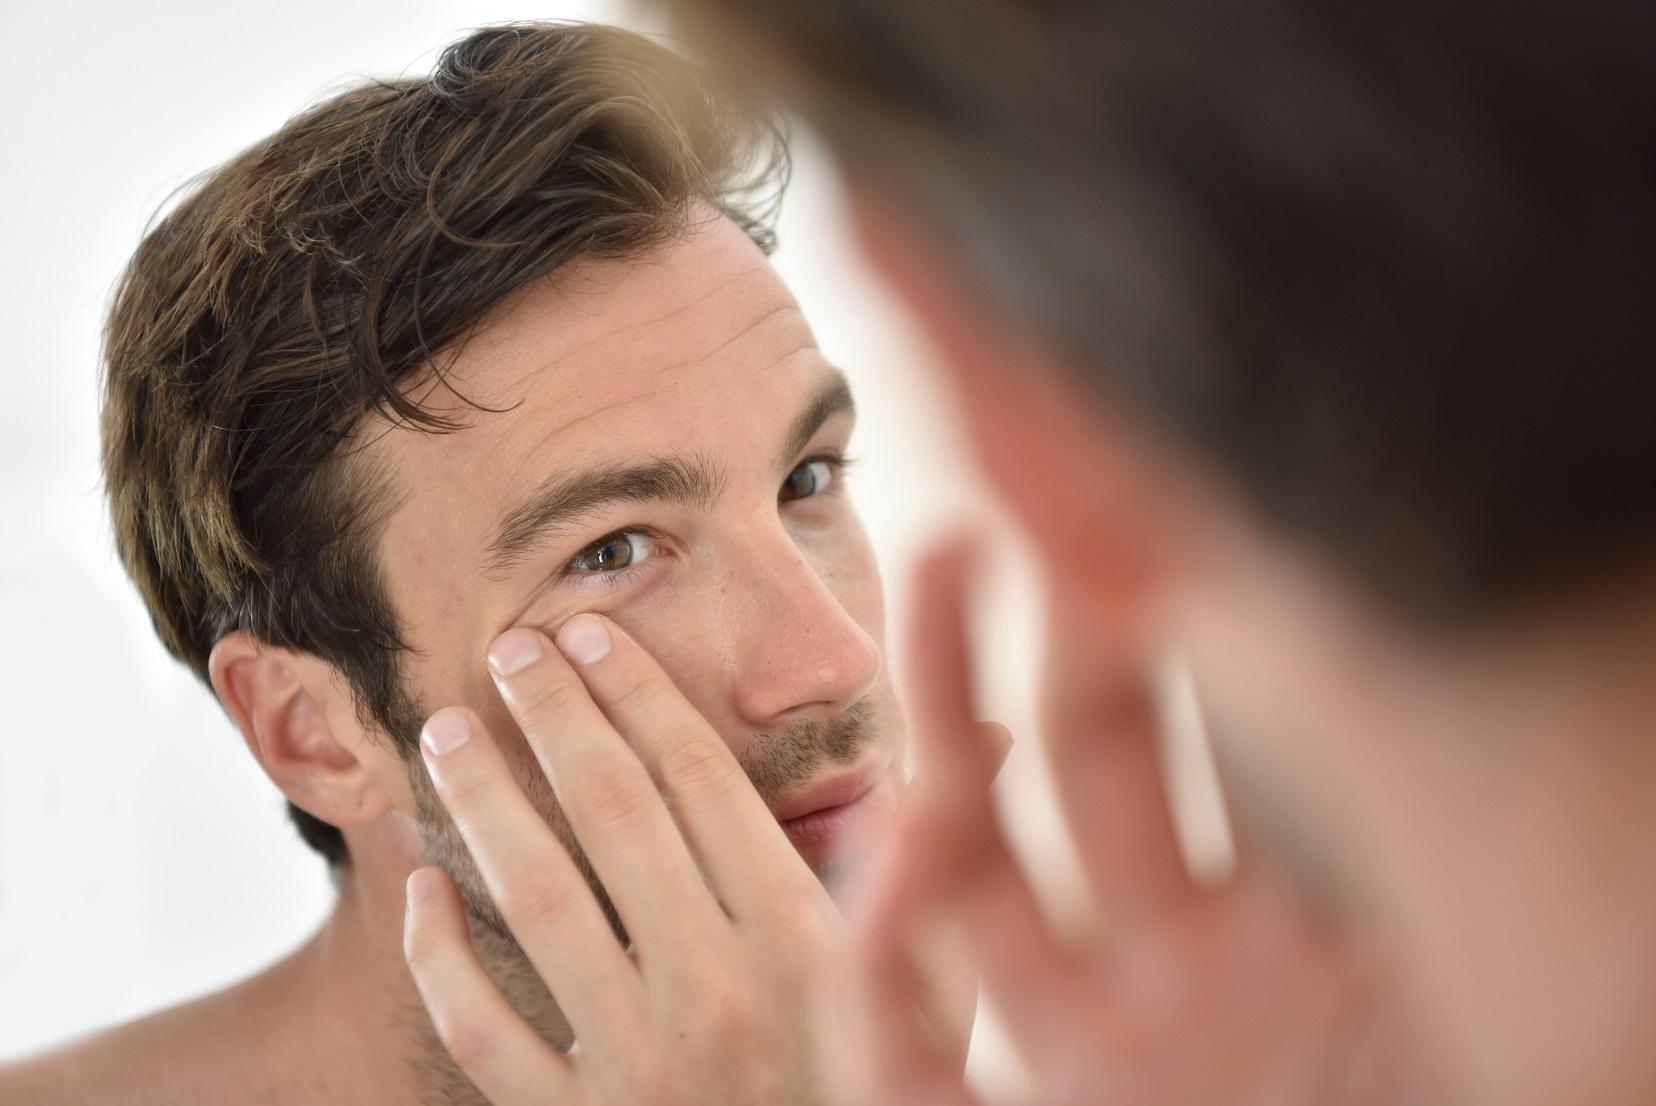 Os cuidados dermatológicos para o novo homem - Clínica Genesis